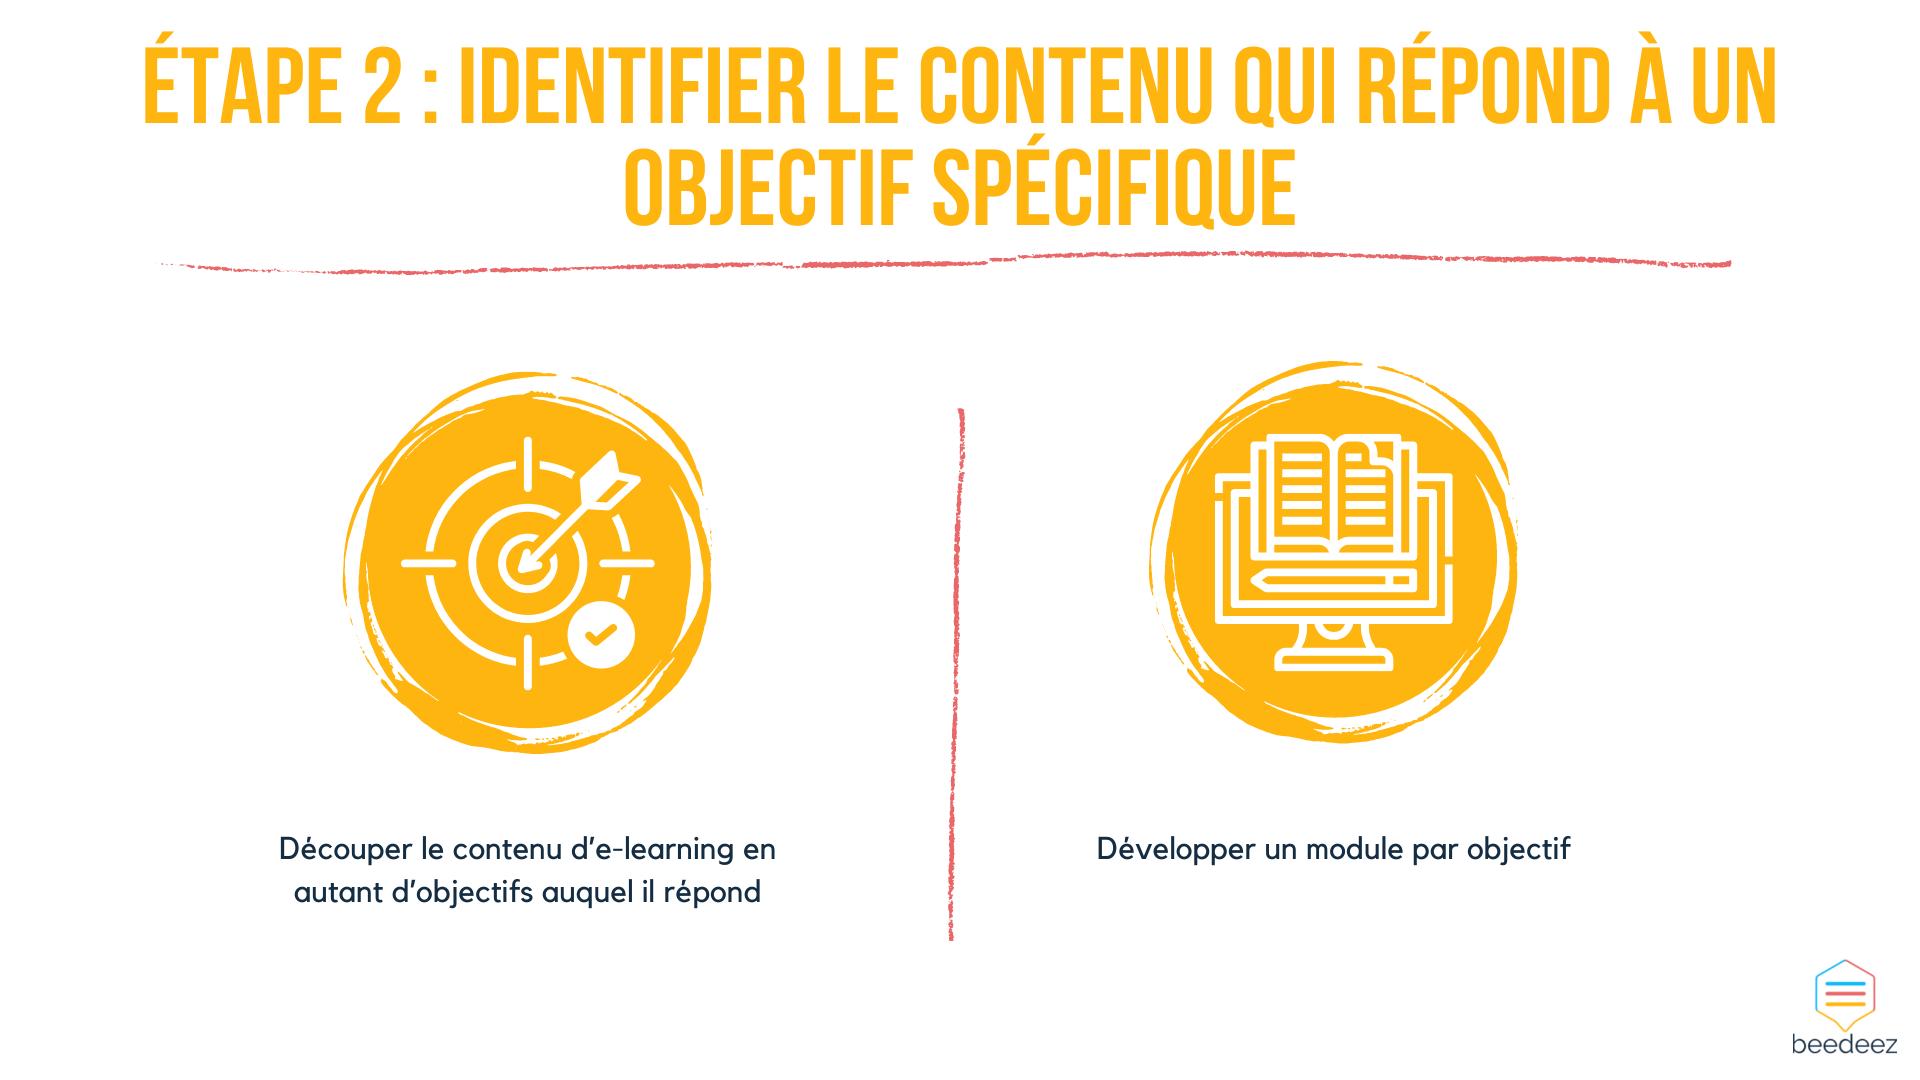 Identifier le contenu qui répond à un objectif spécifique